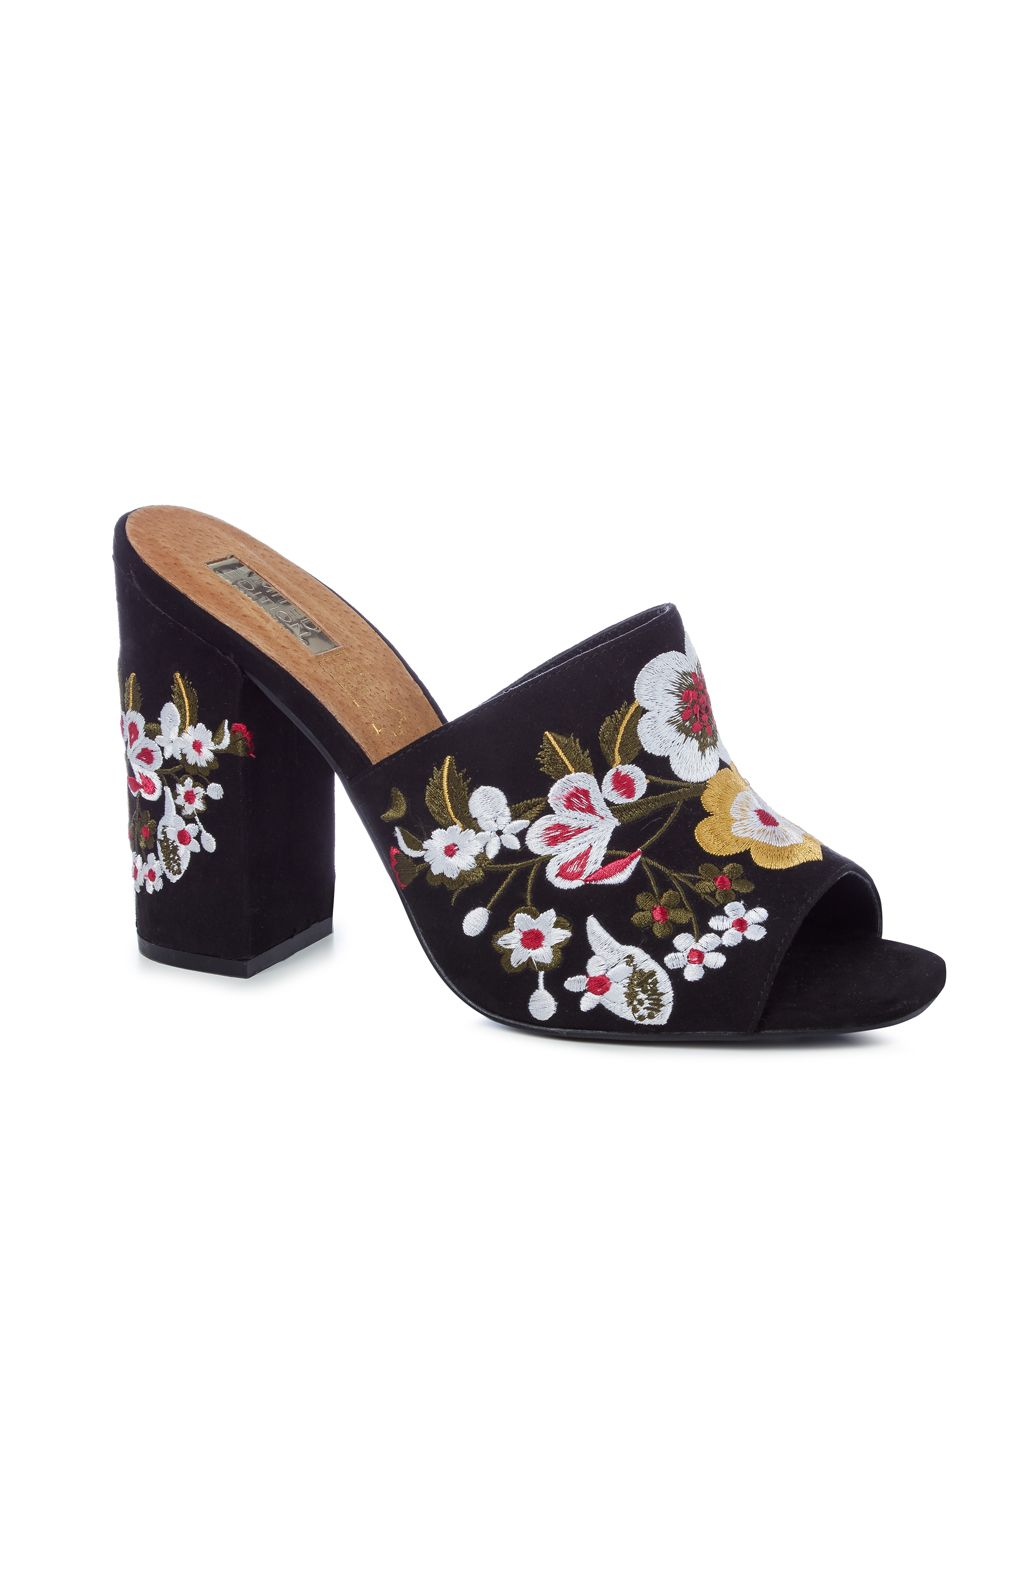 Black sandals primark - Black Floral Mules Primark Spring Summer Trends 2017